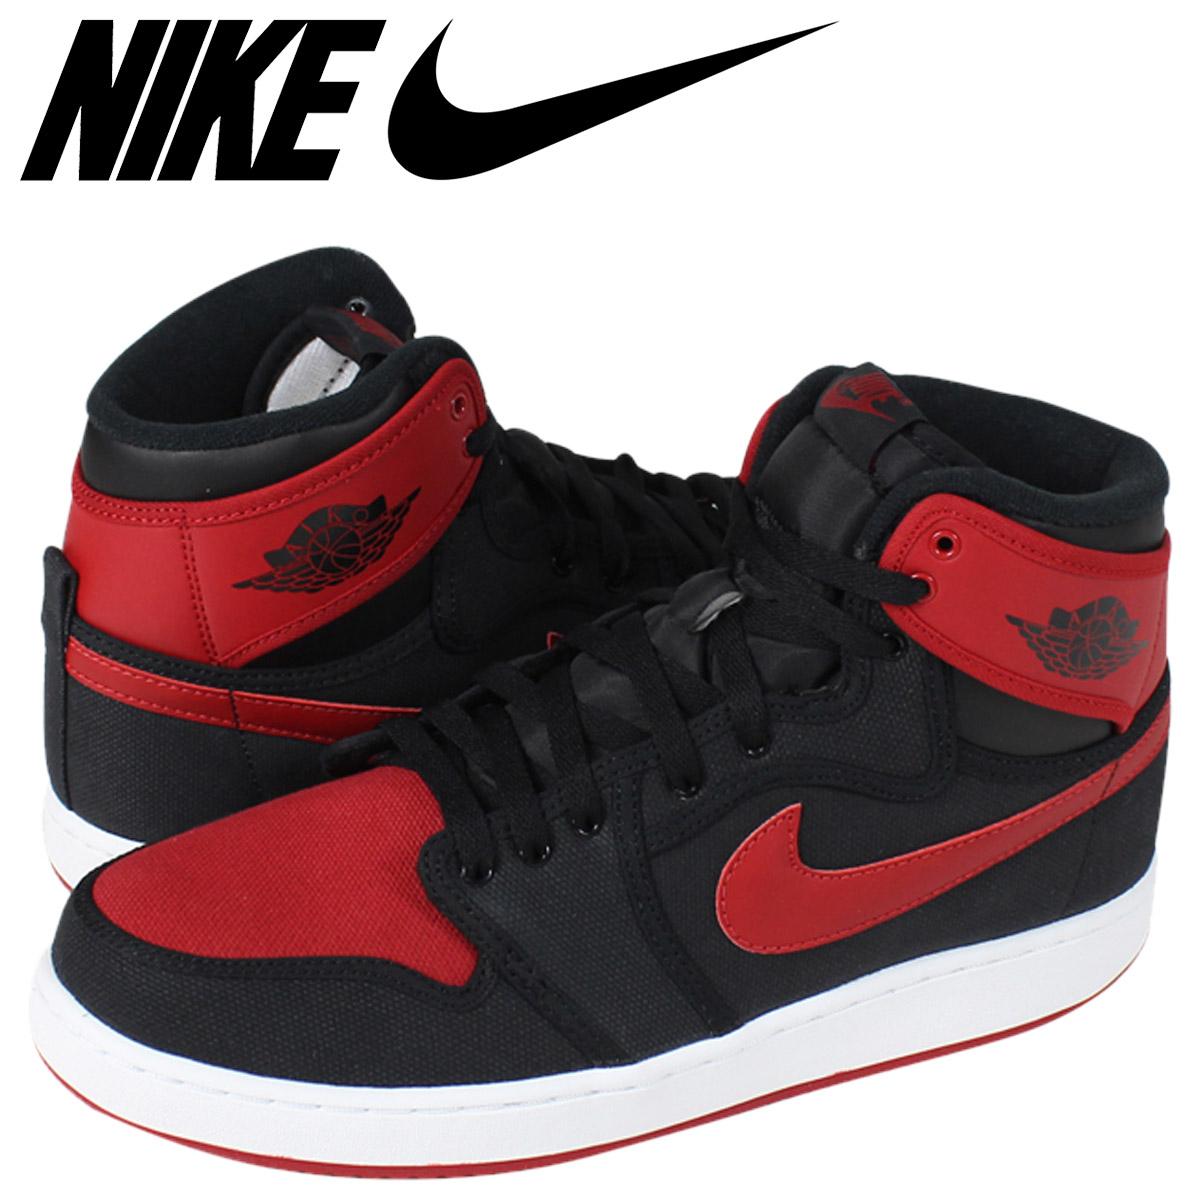 buy popular d43ec 821d8 Whats up Sports: NIKE Nike Air Jordan sneakers AIR JORDAN 1 KO HI OG ...